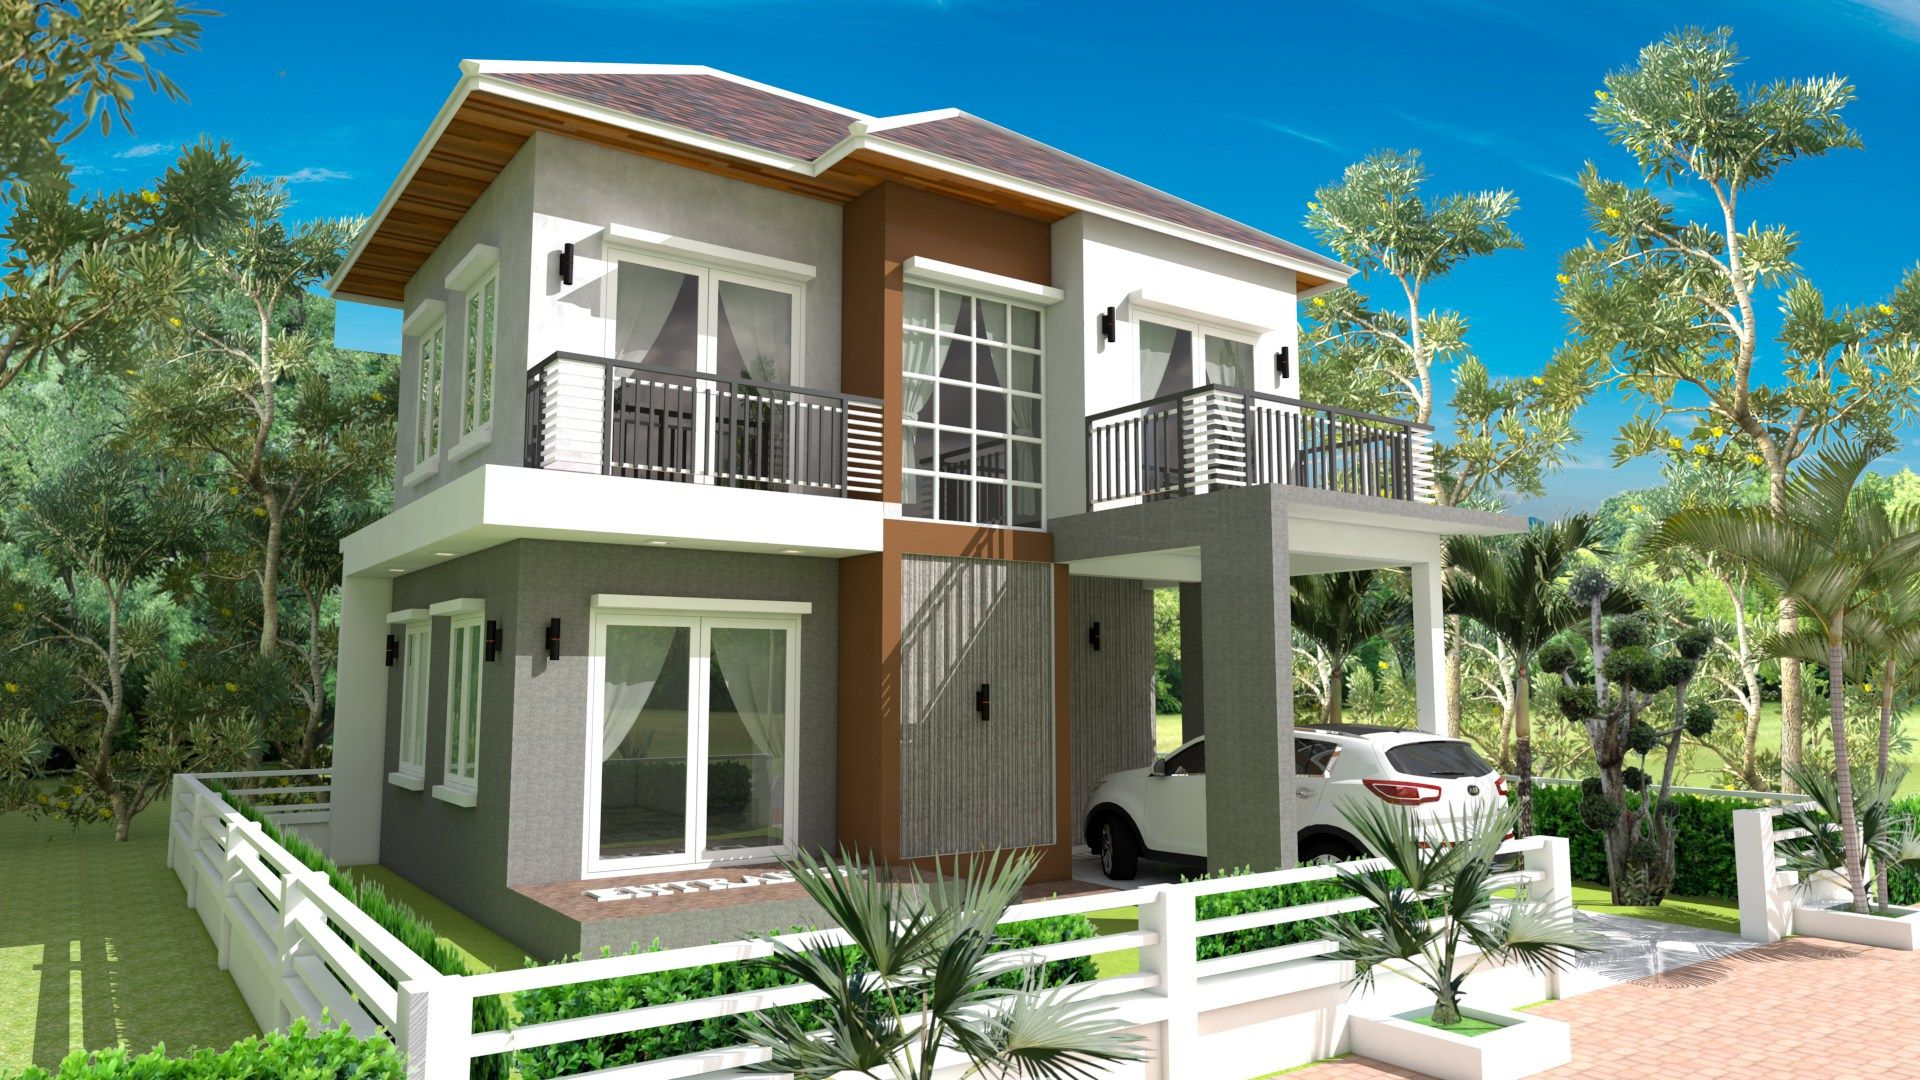 3 Bedrooms Home Plan 8x8m   Piantine di case, Piantine, Case